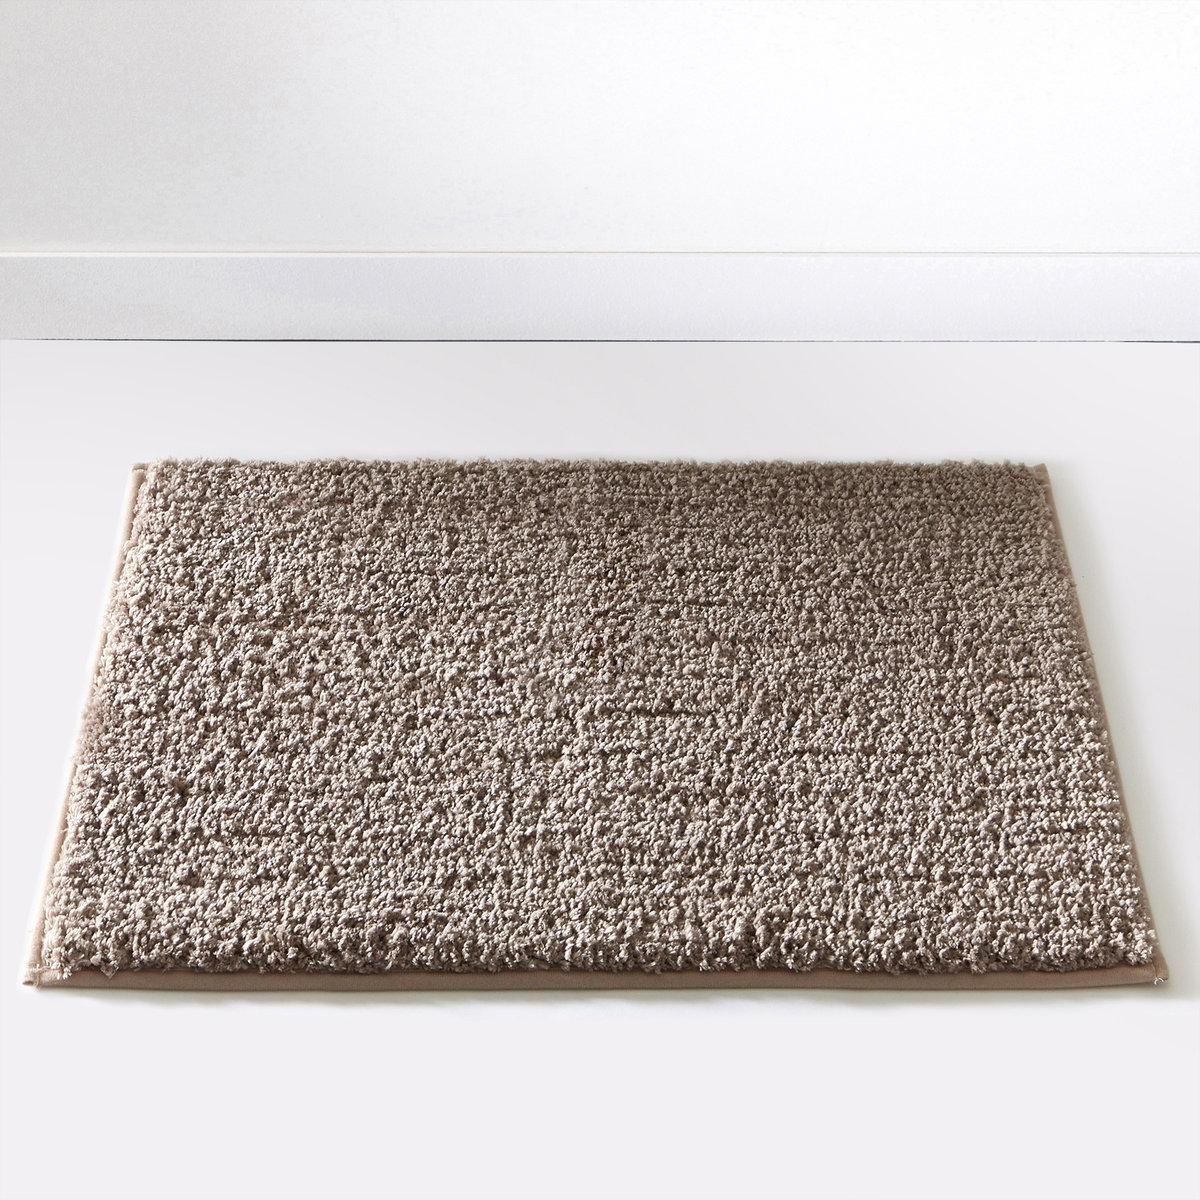 Коврик для ванной SCENARIOОчень удобный толстый коврик для использования рядом с душем или ванной, великолепное качество от Sc?nario, - это гарантия удовольствия, которое останется с вами надолго.Состав коврика для ванной Scenario:Пушистая одноцветная микрофибра, 1500 г/м2.100% полиэстера.Есть версия в форме под раковину 40х50 см и прямоугольной формы 50x70 см и 60x100 см. 7 цветов: бежевый / белый / голубой / темно-серый / черный / зеленый анисовый / фиолетовый сливовый.<br><br>Цвет: зеленый анис,серо-бежевый,фиолетовый/ сливовый,черный<br>Размер: 40x50 cm.60x100 cm.50 x 70  см